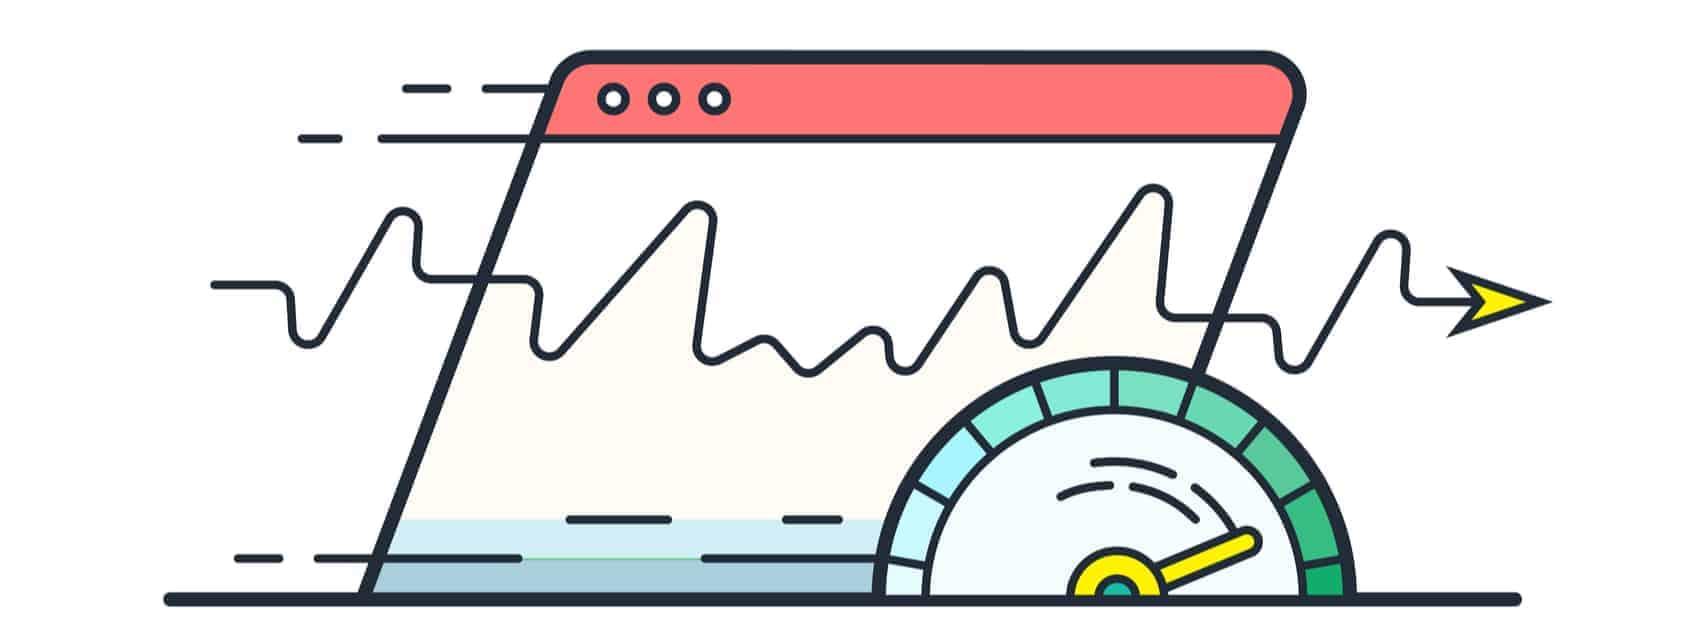 Comment la vitesse d'un site peut-elle affecter son référencement ?